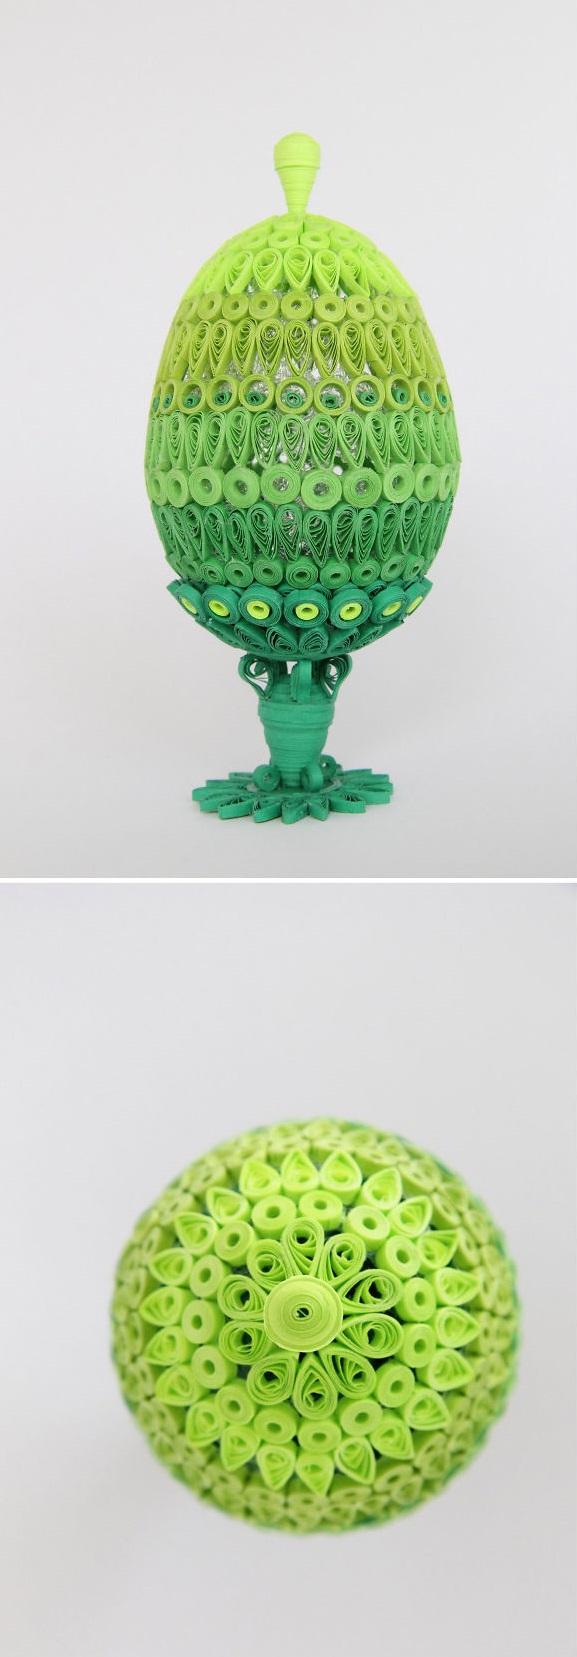 оригинальное и креативное окрашивание и декорирование яиц на Пасху: квиллинг